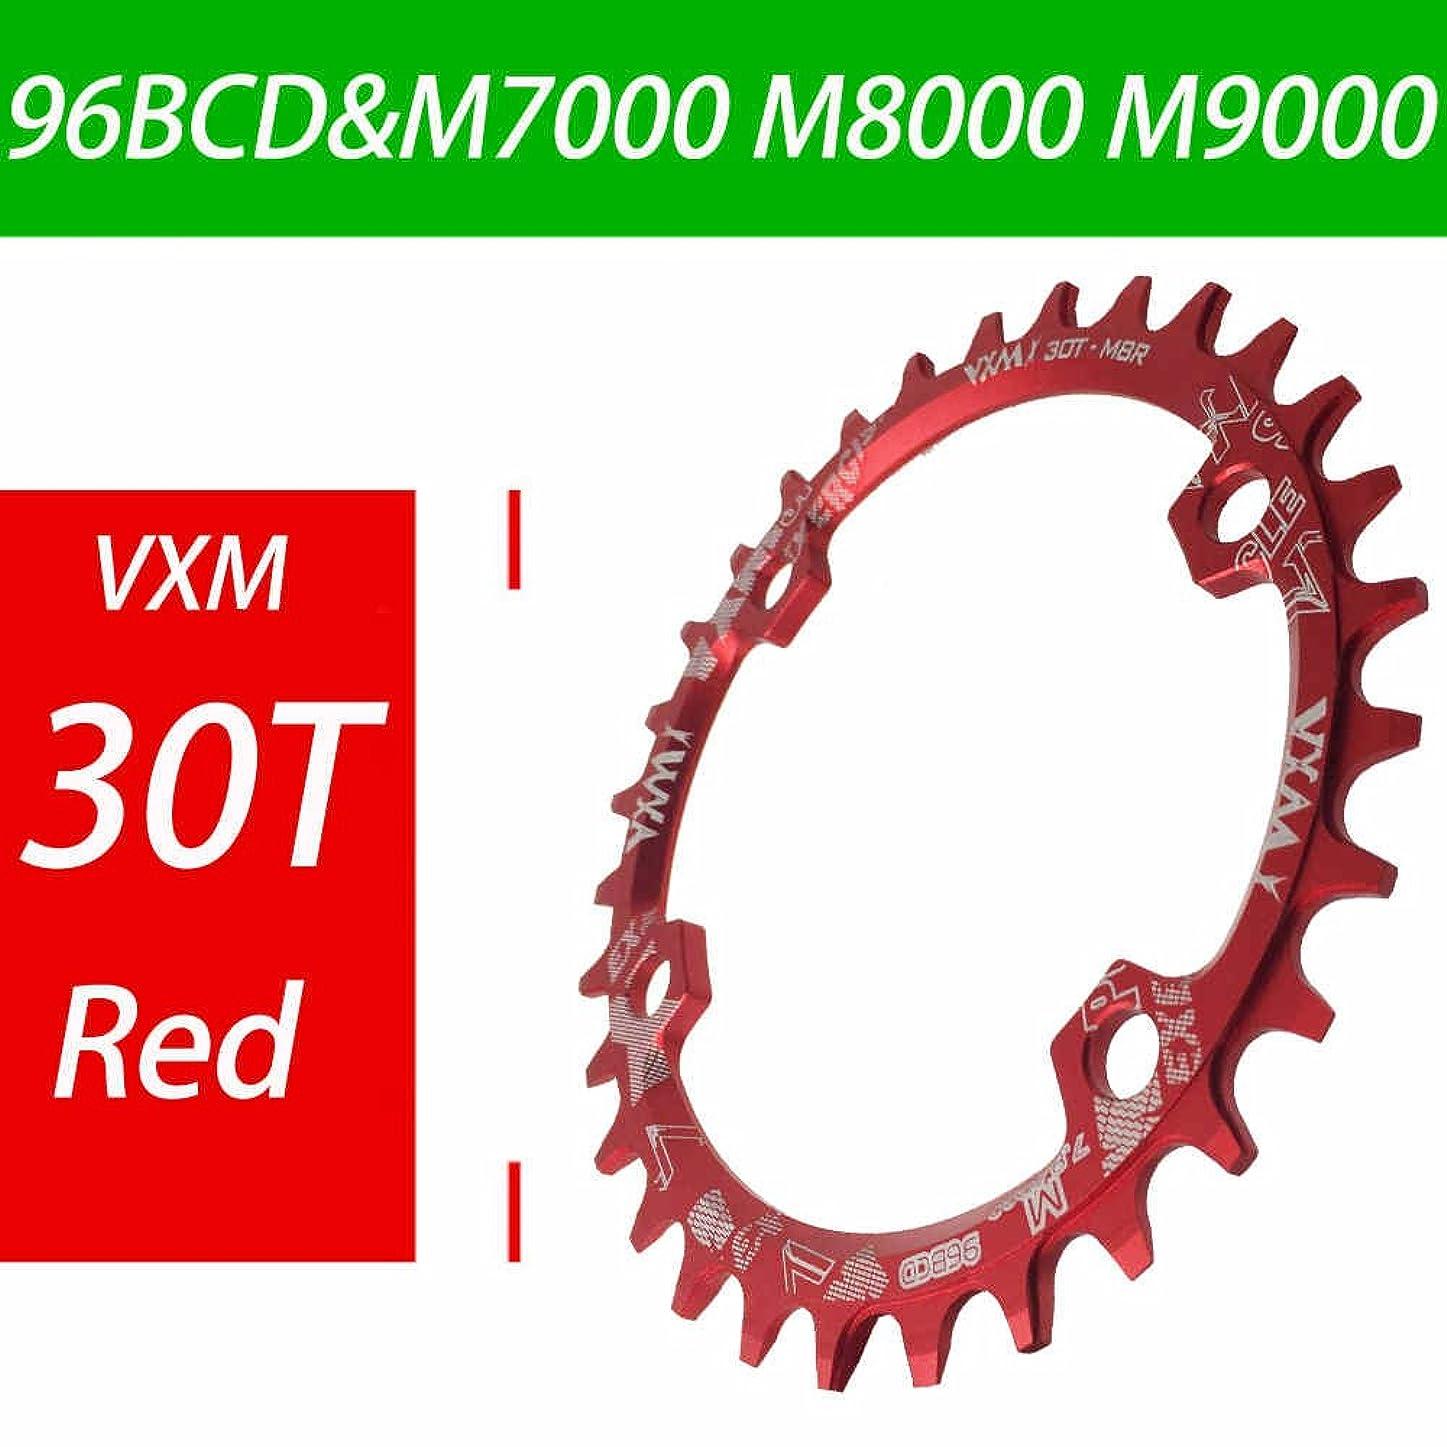 韓国ヒステリックアリスPropenary - Bicycle 96BCD Crank 30T Chainwheel Aluminum Alloy Round Chain ring Chainwheel Road Bicycle Chain ring for M7000 M8000 M9000 [ Red ]